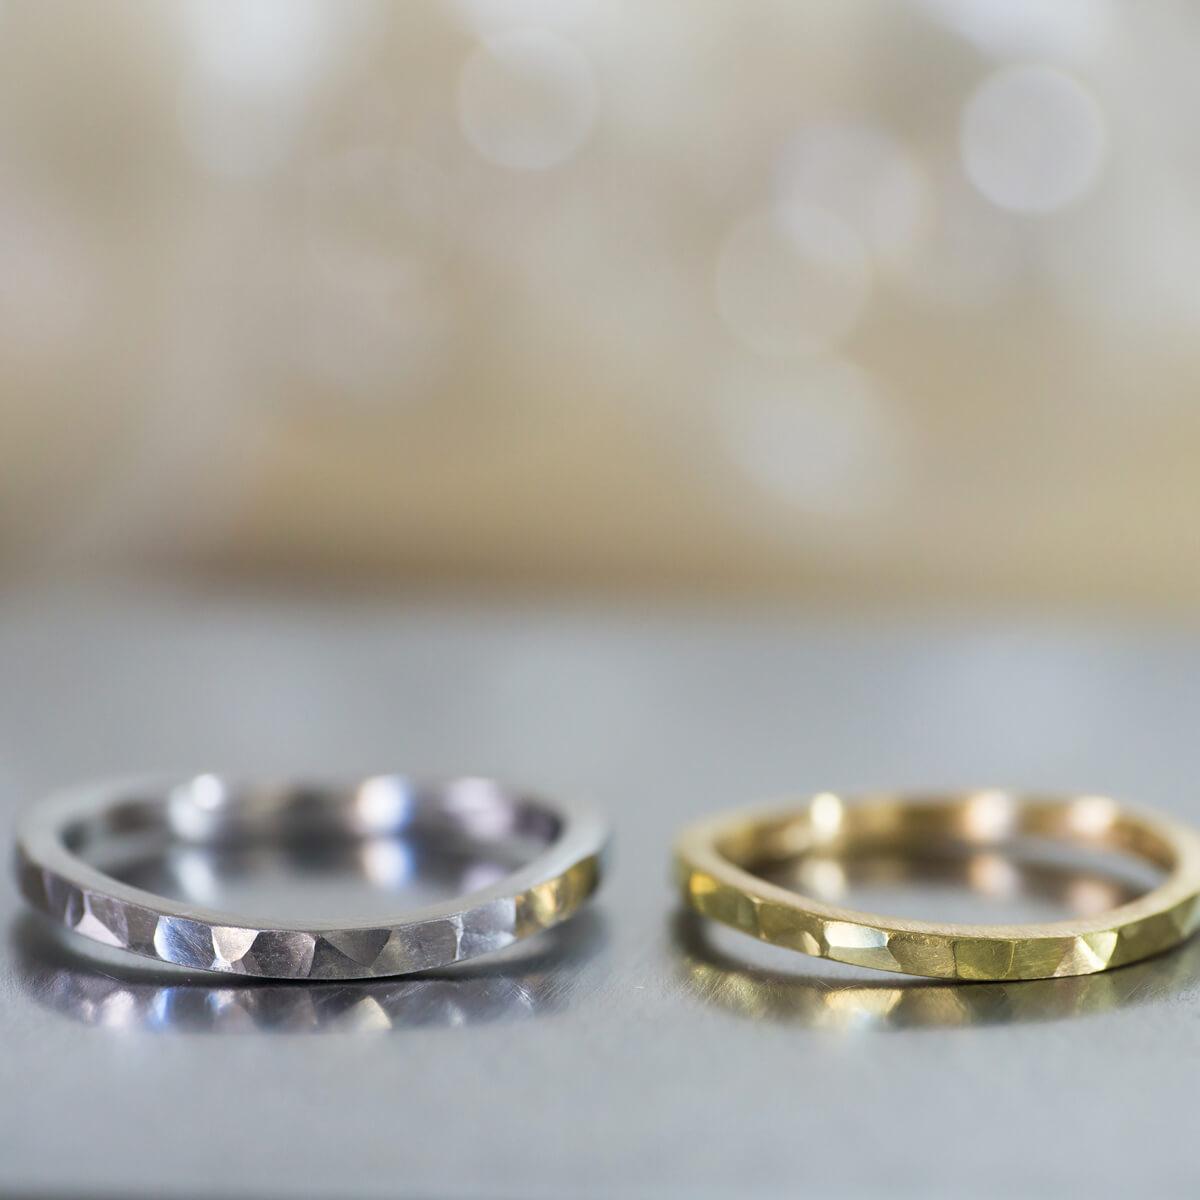 オーダーメイドマリッジリング ジュエリーのアトリエ ゴールド、プラチナ 屋久島でつくる結婚指輪